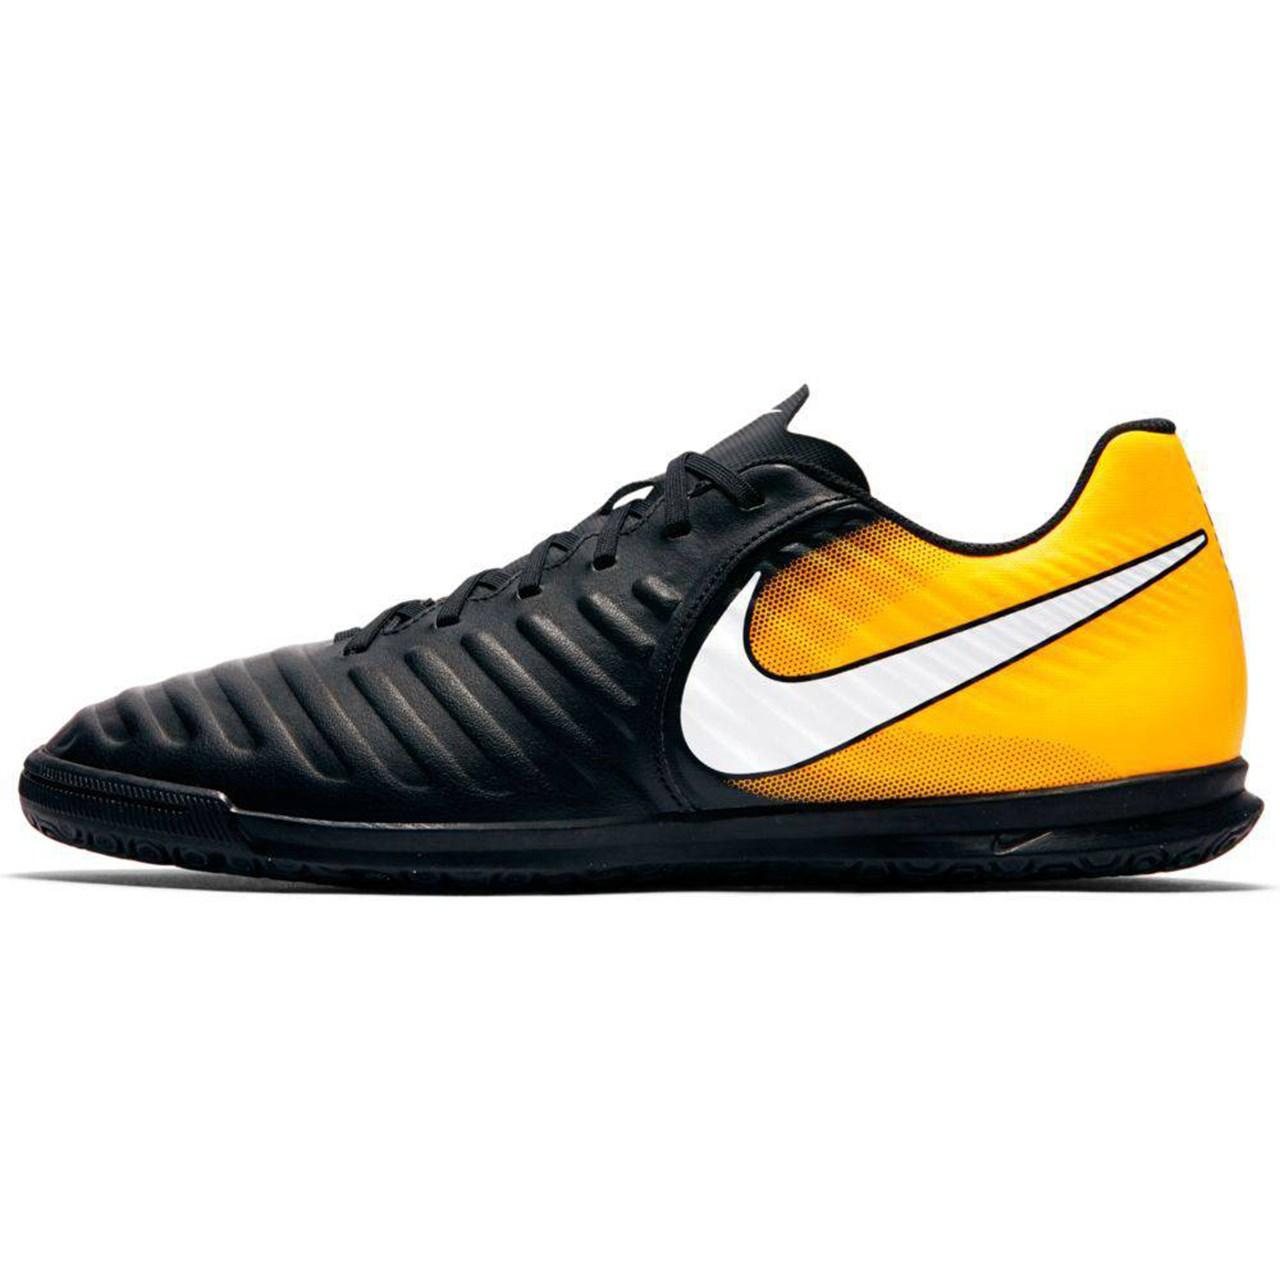 کفش ورزشی مردانه فوتسال نایک مدل TIEMPOX RIO IV IC